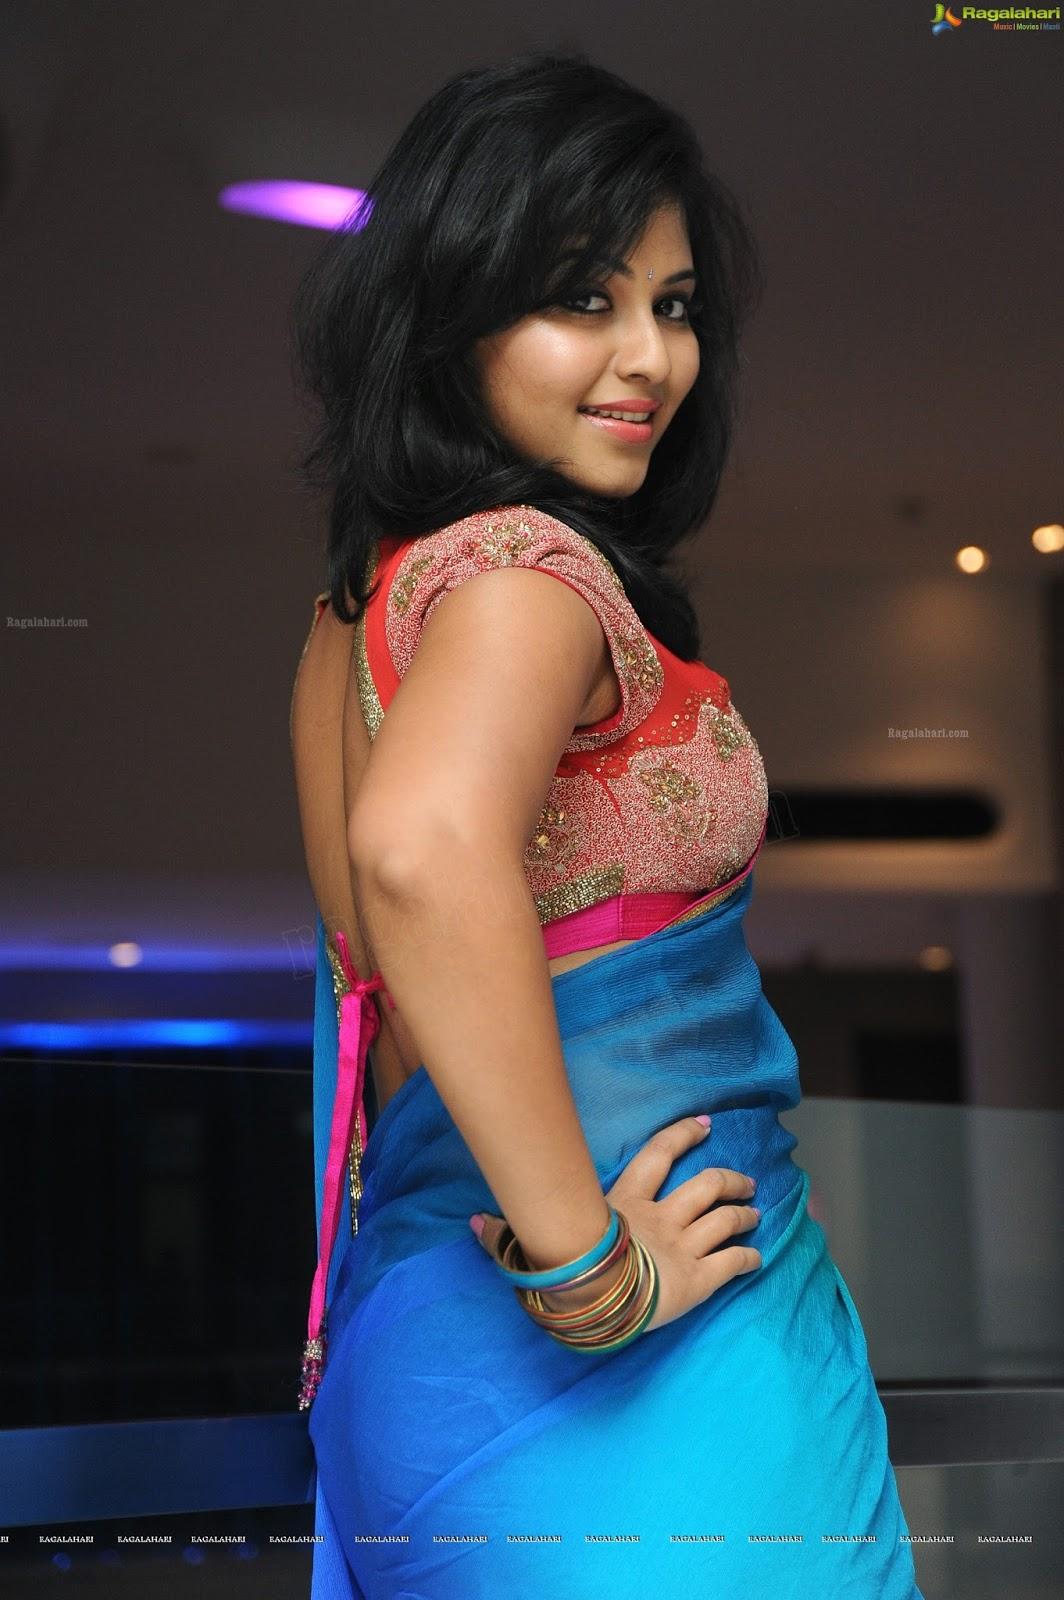 boob saree actress nude indian